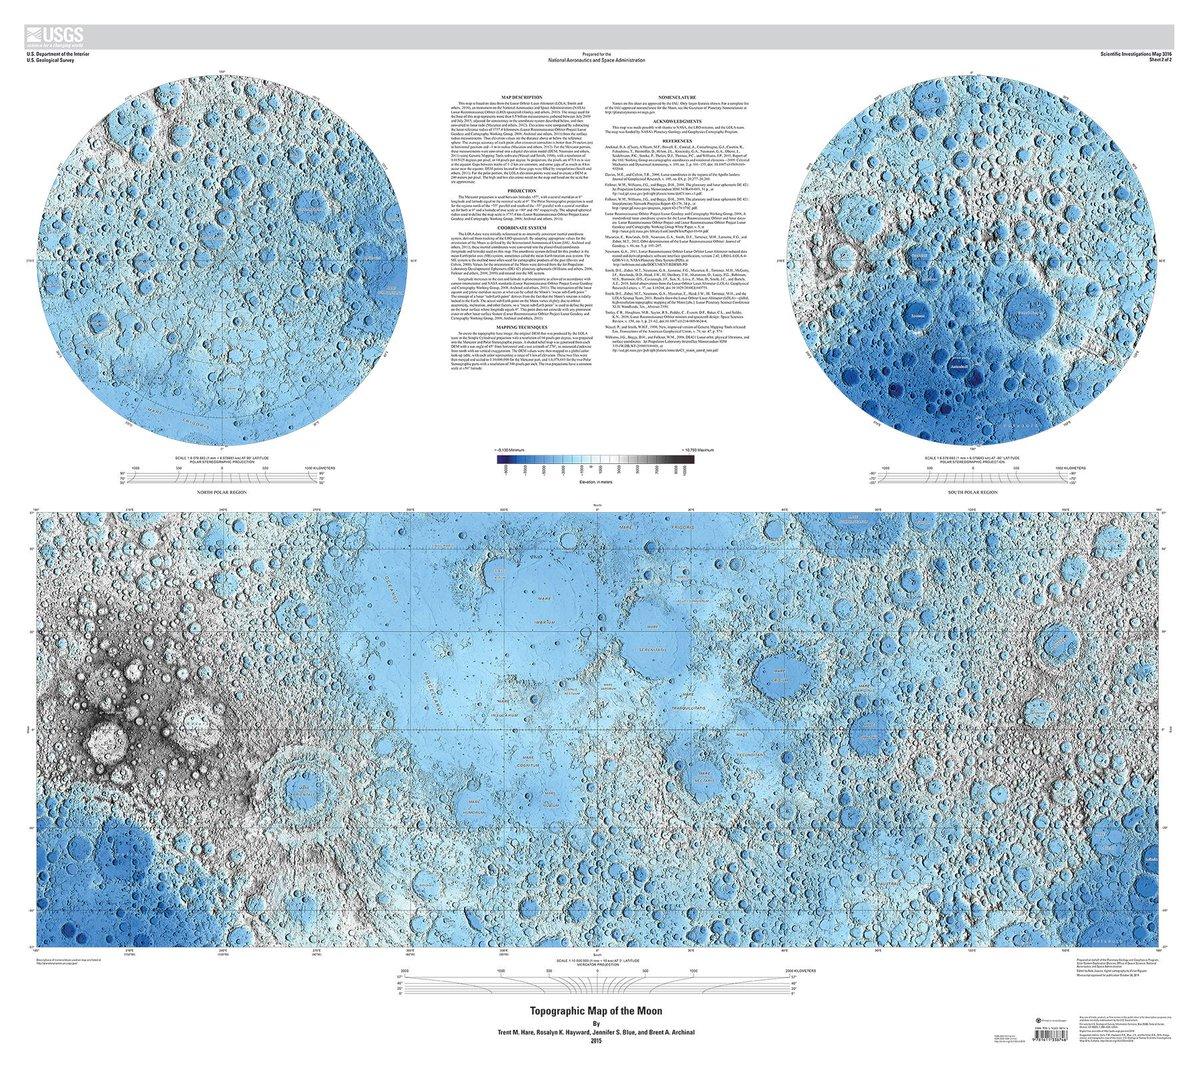 FOTO USGS NASA: La mappa della Luna piu' impressionante mai pubblicata prima